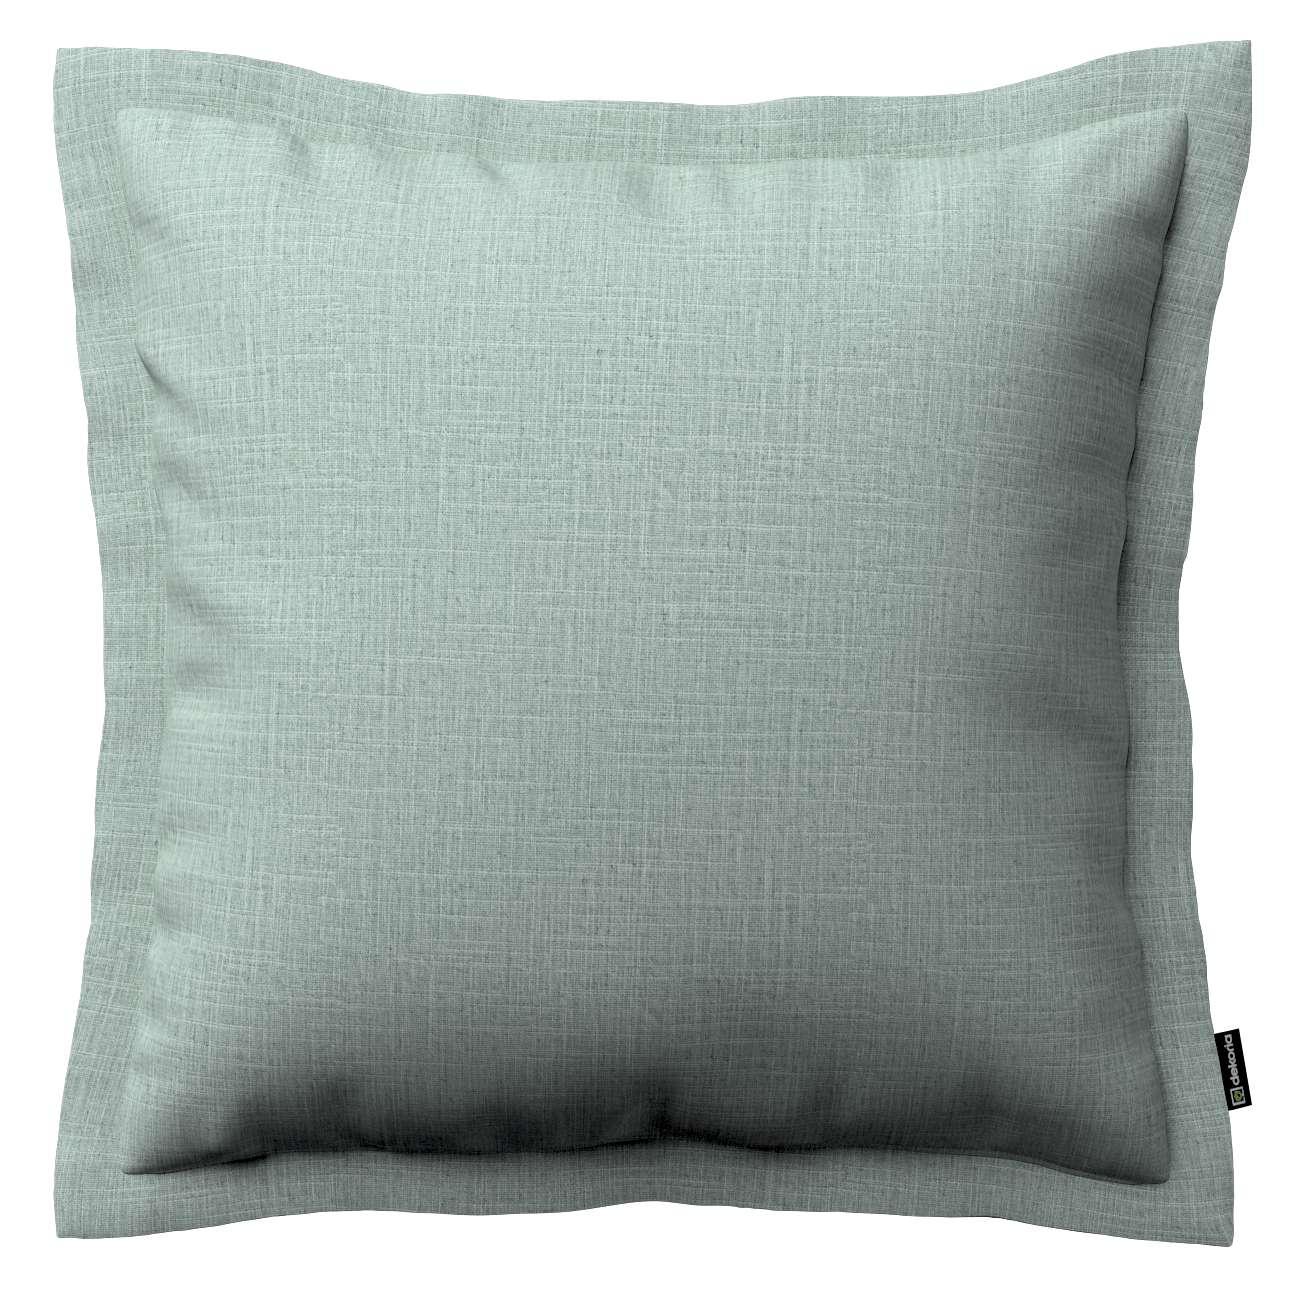 Poszewka Mona na poduszkę w kolekcji Living, tkanina: 160-86